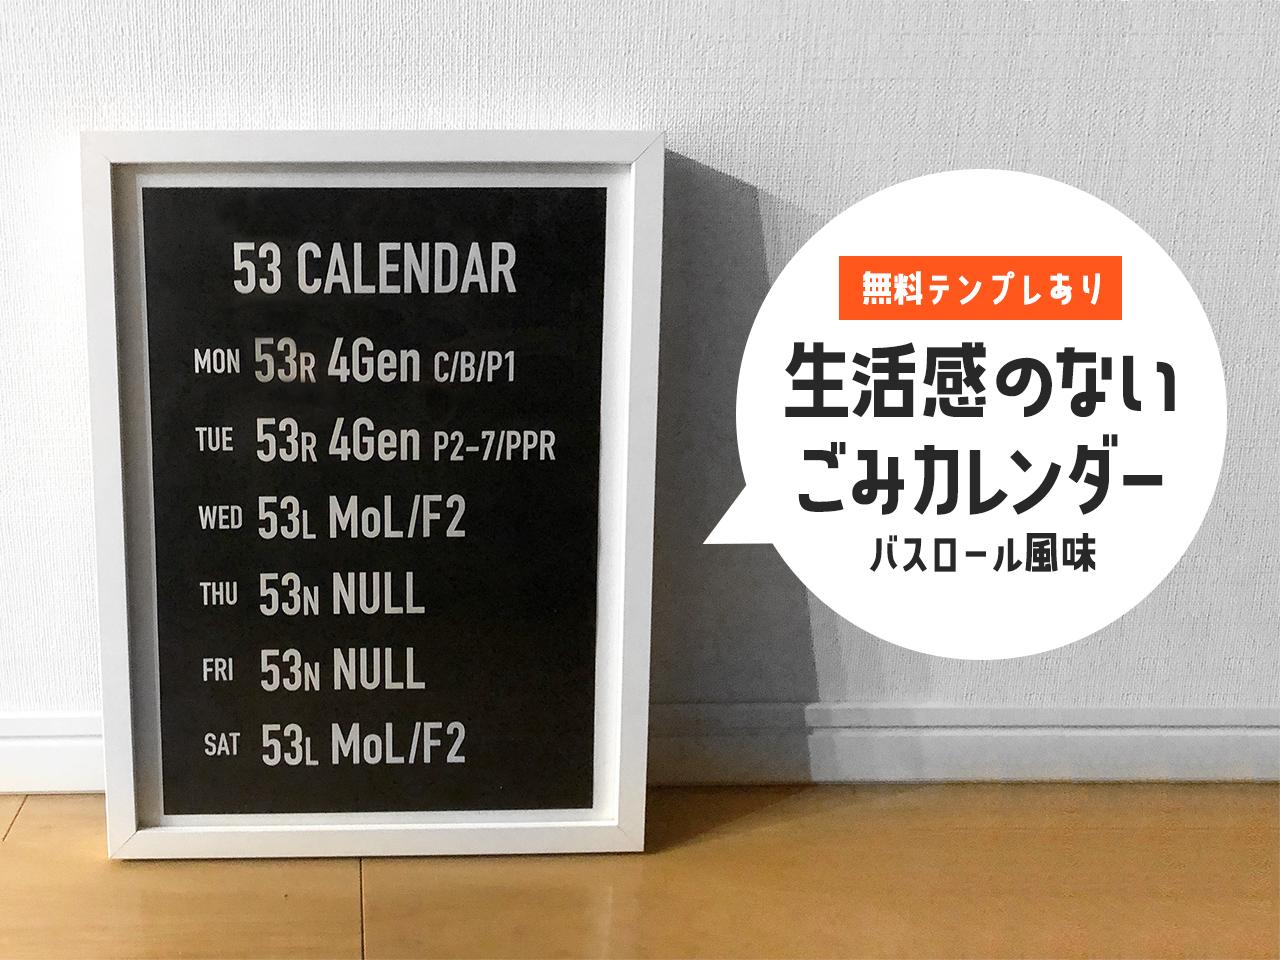 【一見クールデザイン】生活感の無いごみカレンダー